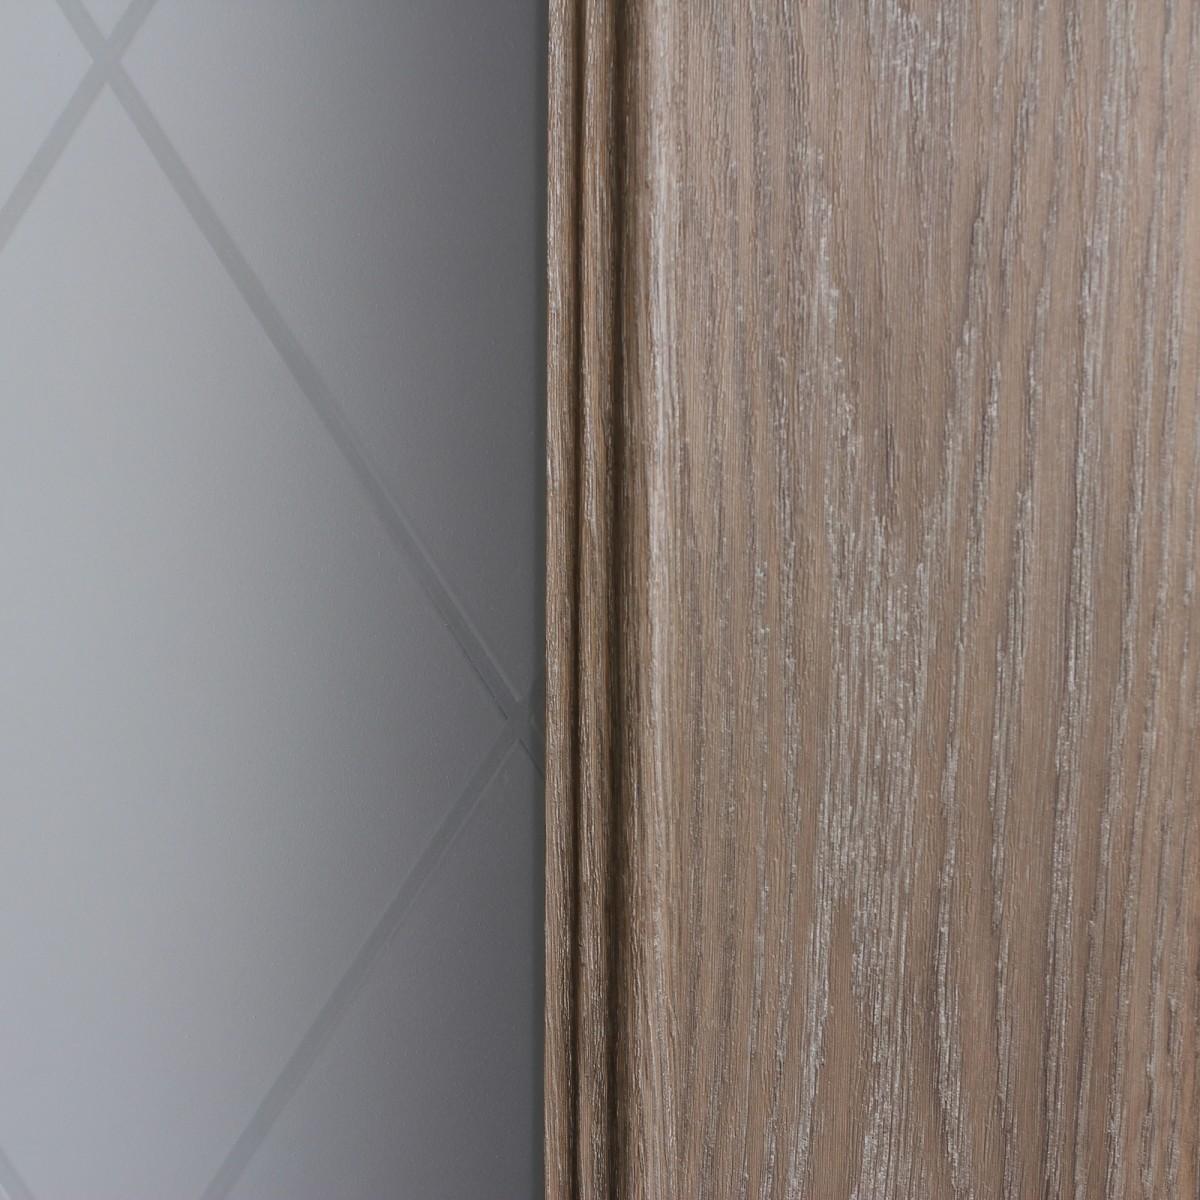 Дверь Межкомнатная Остеклённая Престиж 70x200 Цвет Натуральный Дуб